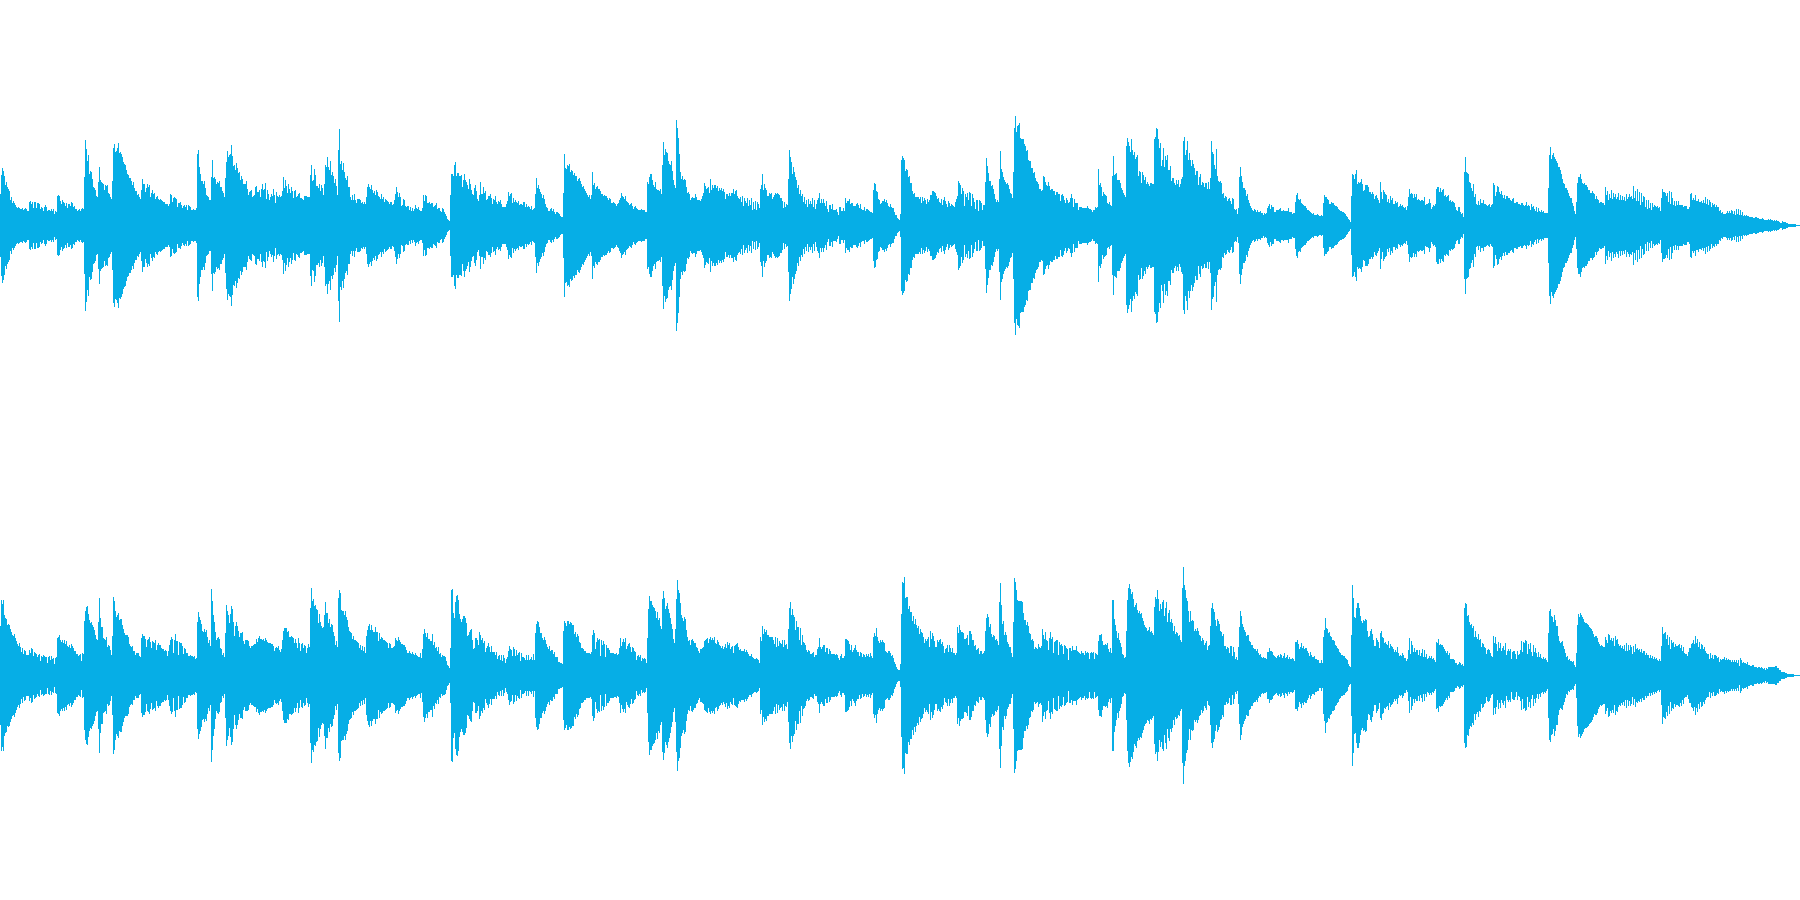 落ち着いた和風イメージなピアノソロの再生済みの波形